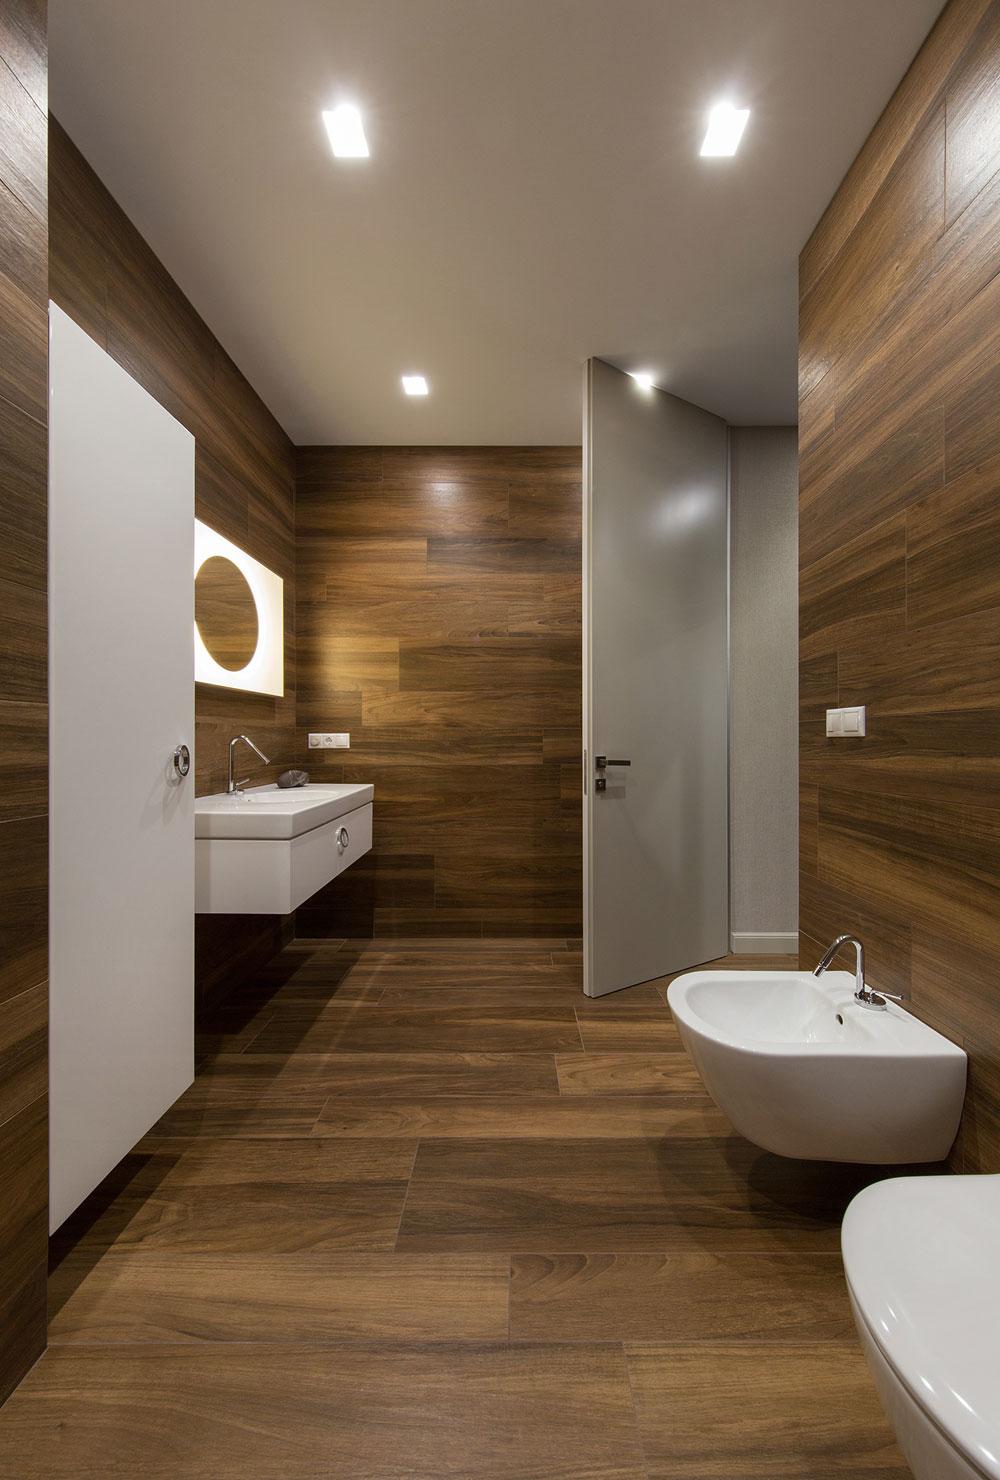 thiết kế nội thất chung cư 70 mét vuông hiện đại ảnh 5